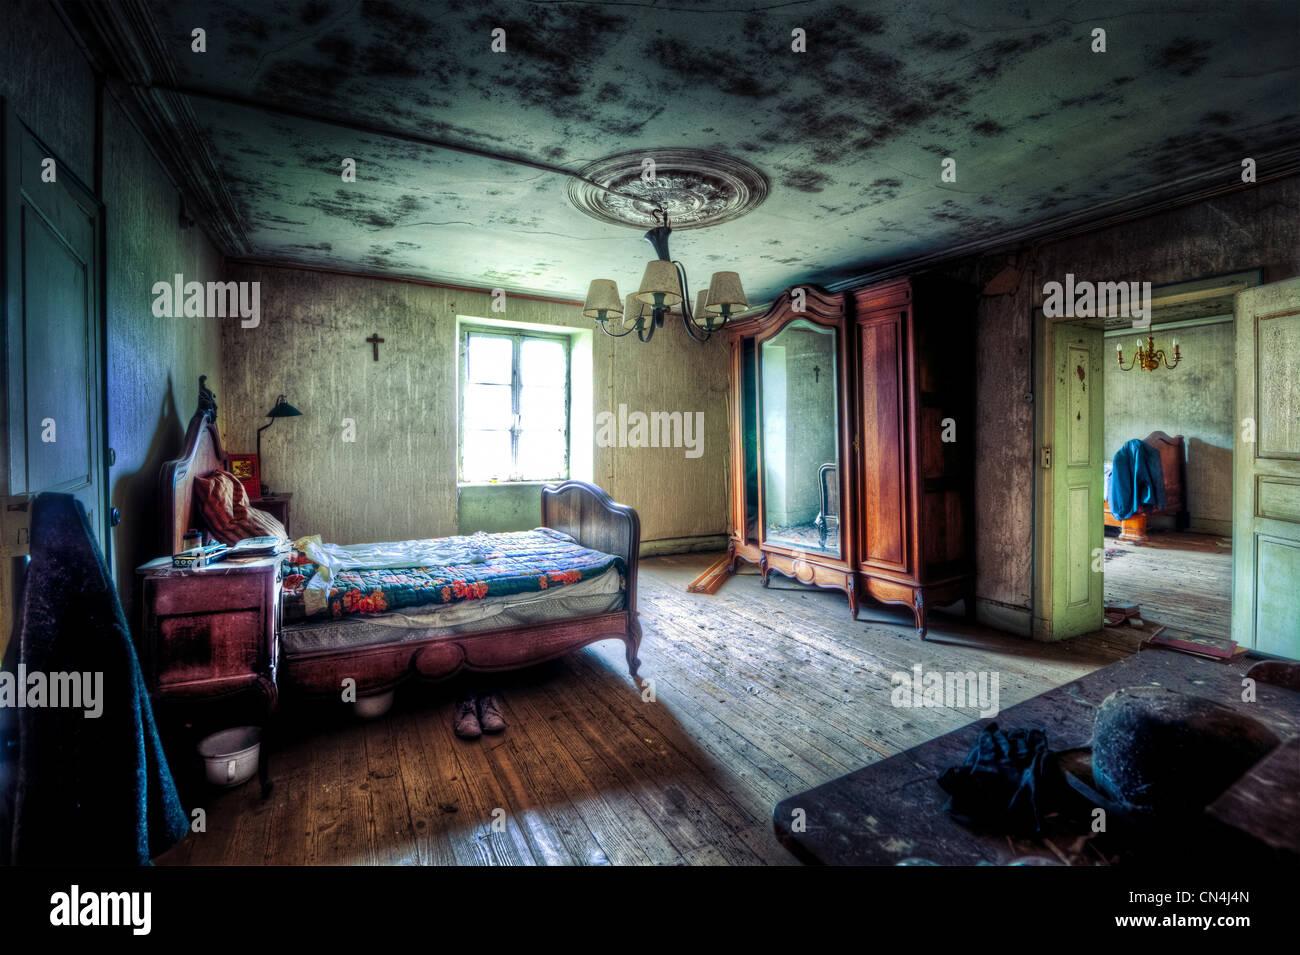 Chambre dans maison délabrée Photo Stock